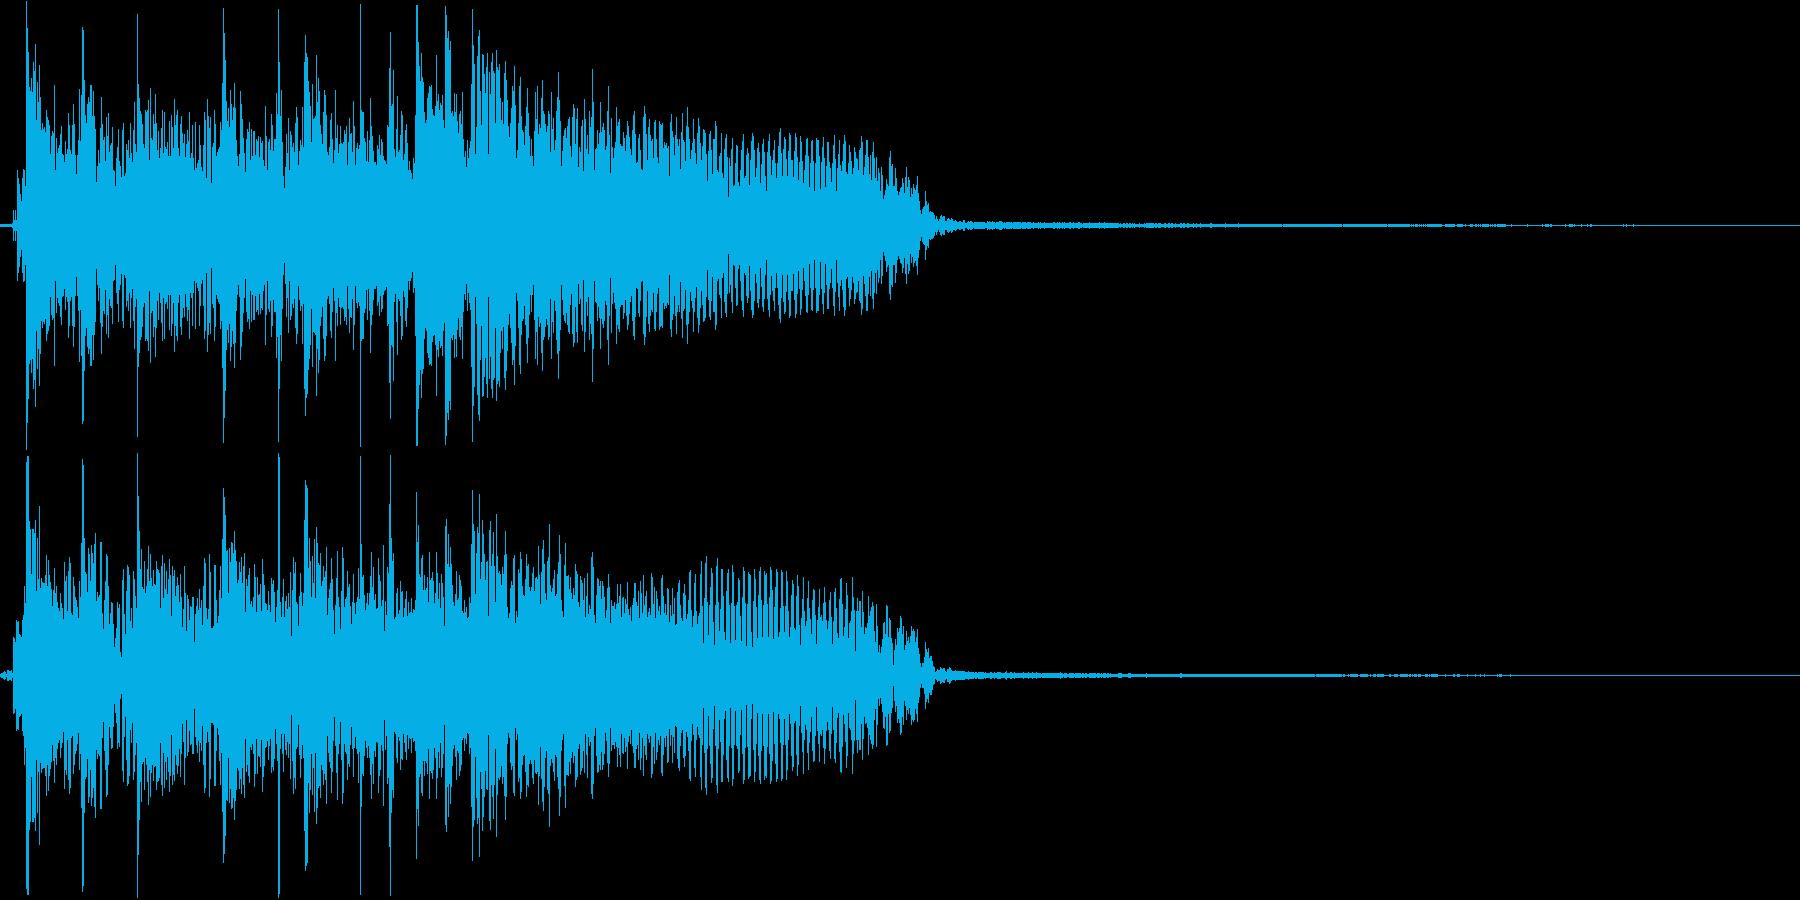 ハードロックギターリフのジングルの再生済みの波形